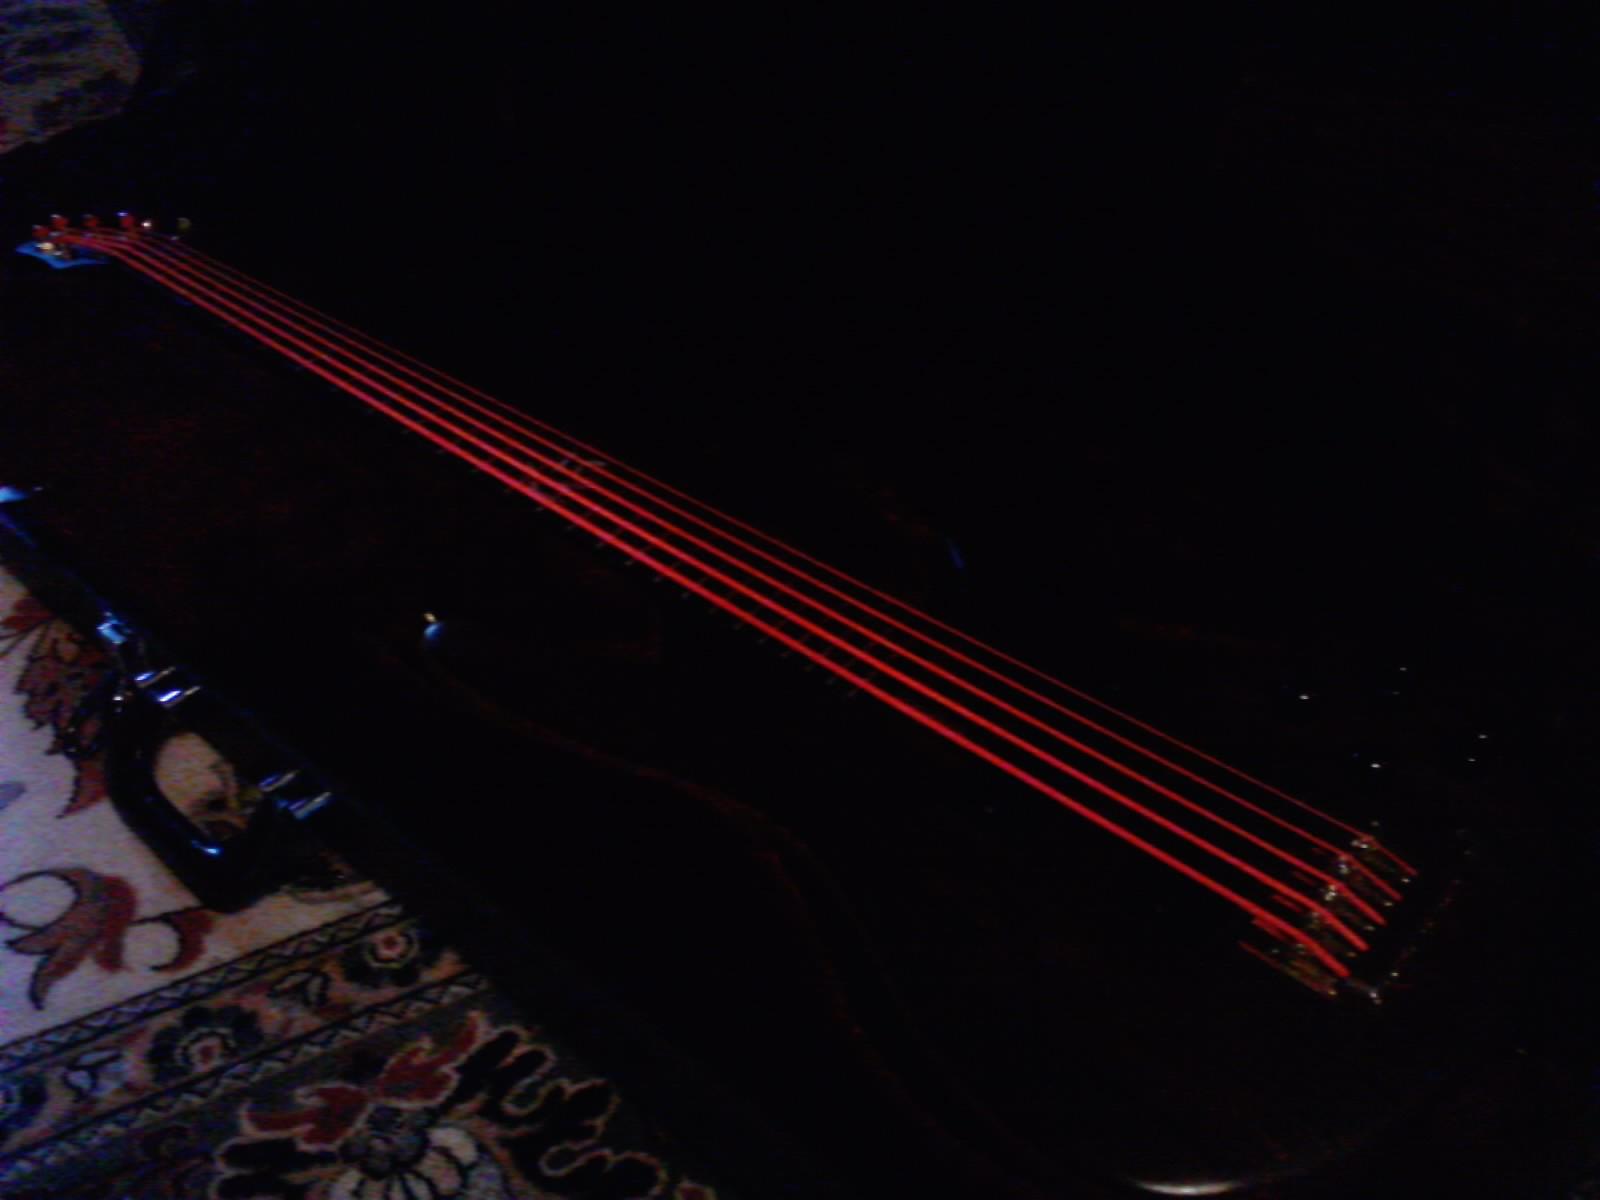 Harga Dan Spesifikasi Senar Bass Dr Strings K3 Neon Hi Def Multi Carvil Sepatu Casual Dress Men Gusten Dark Brown Cokelat Tua 43 Review Color Nmcb 40